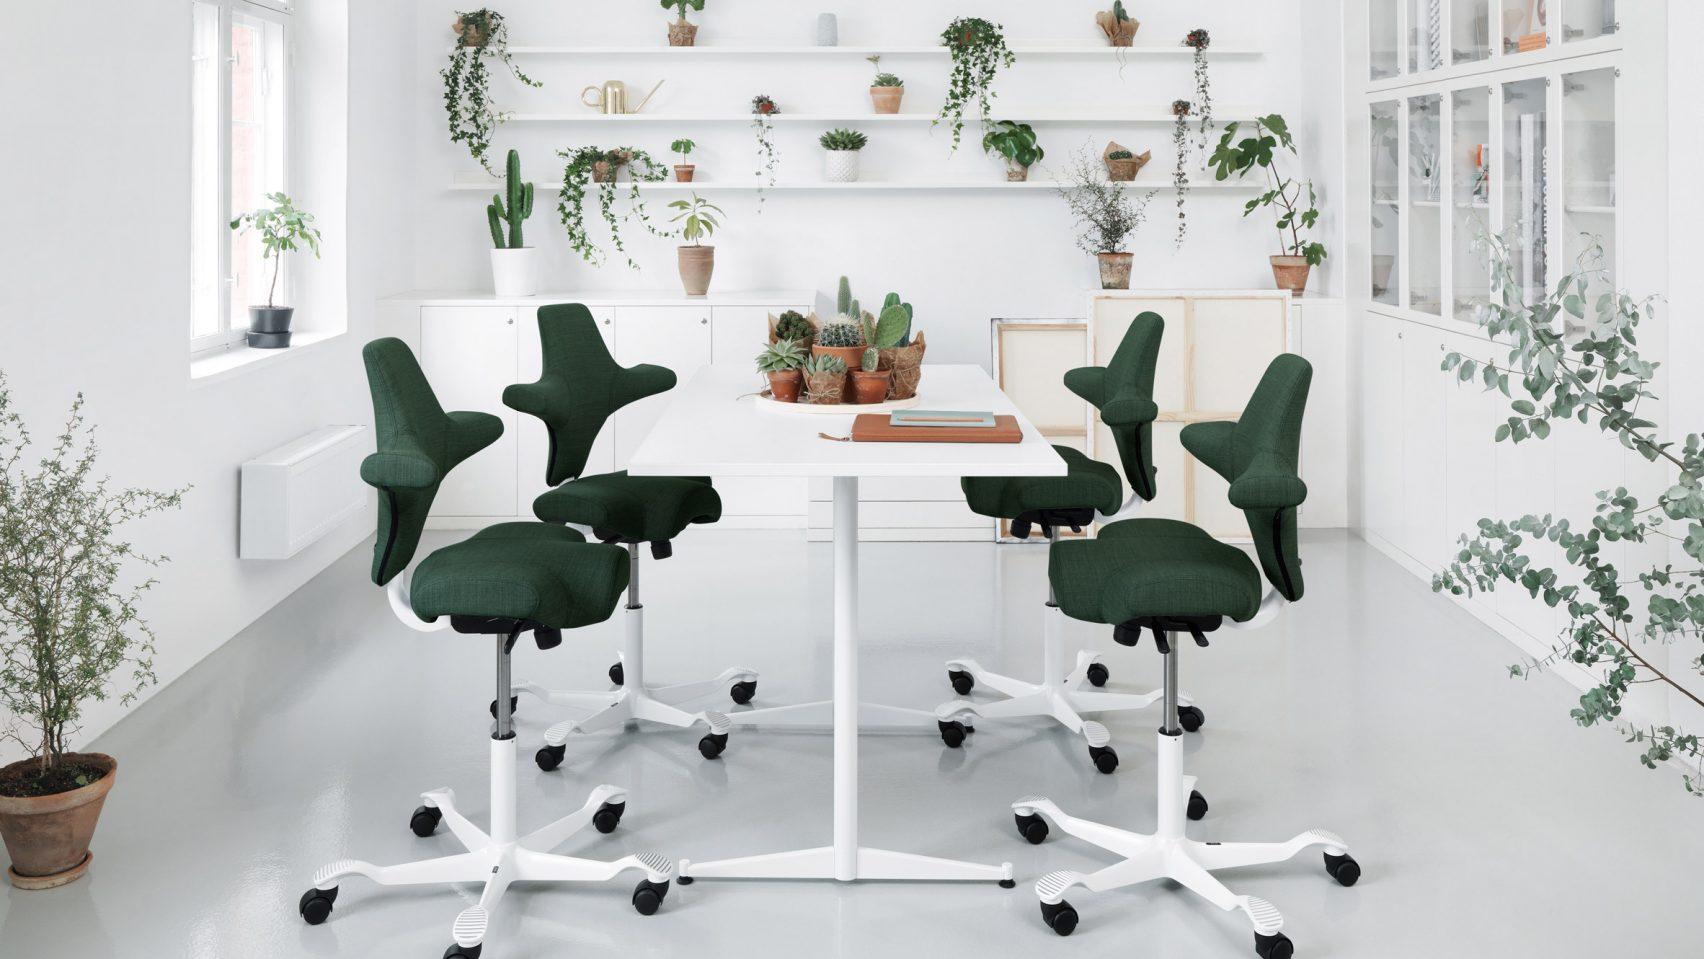 stockholm-design-week-office-furniture-trend-roundup-_dezeen_936_hero-1704x959.jpg